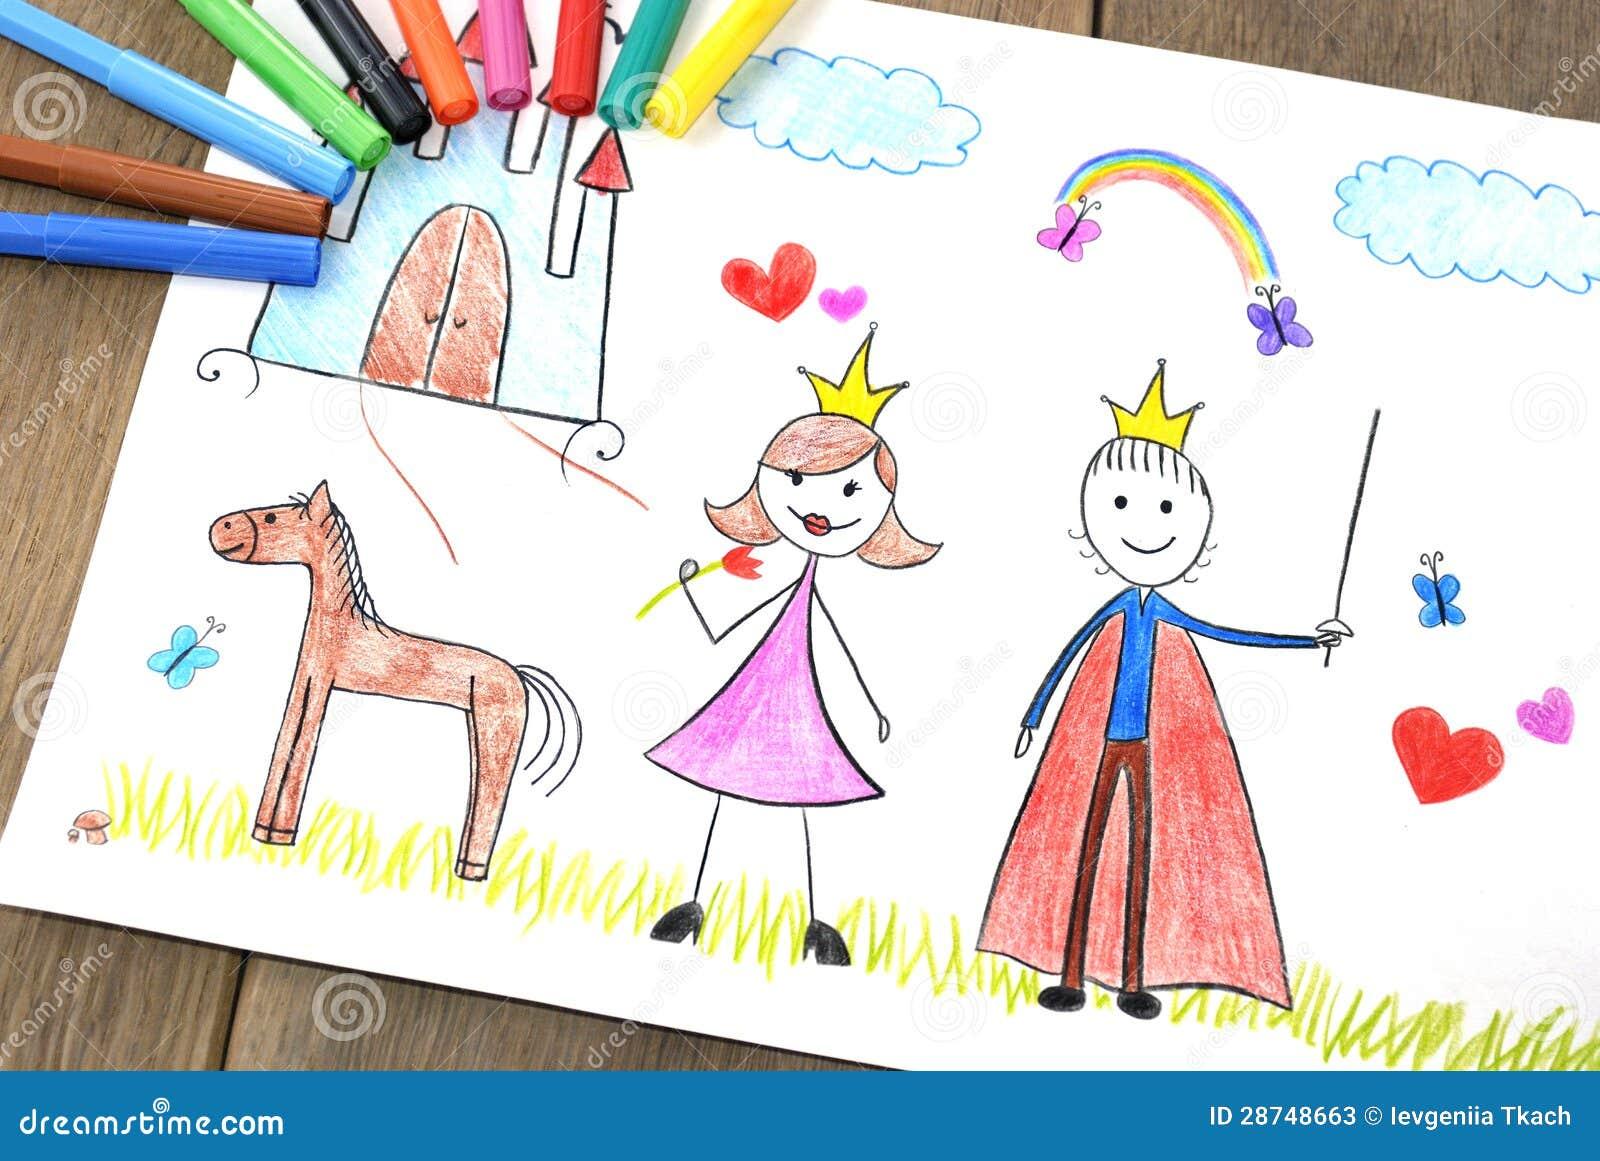 Kids Drawing Princess And Prince Stock Illustration